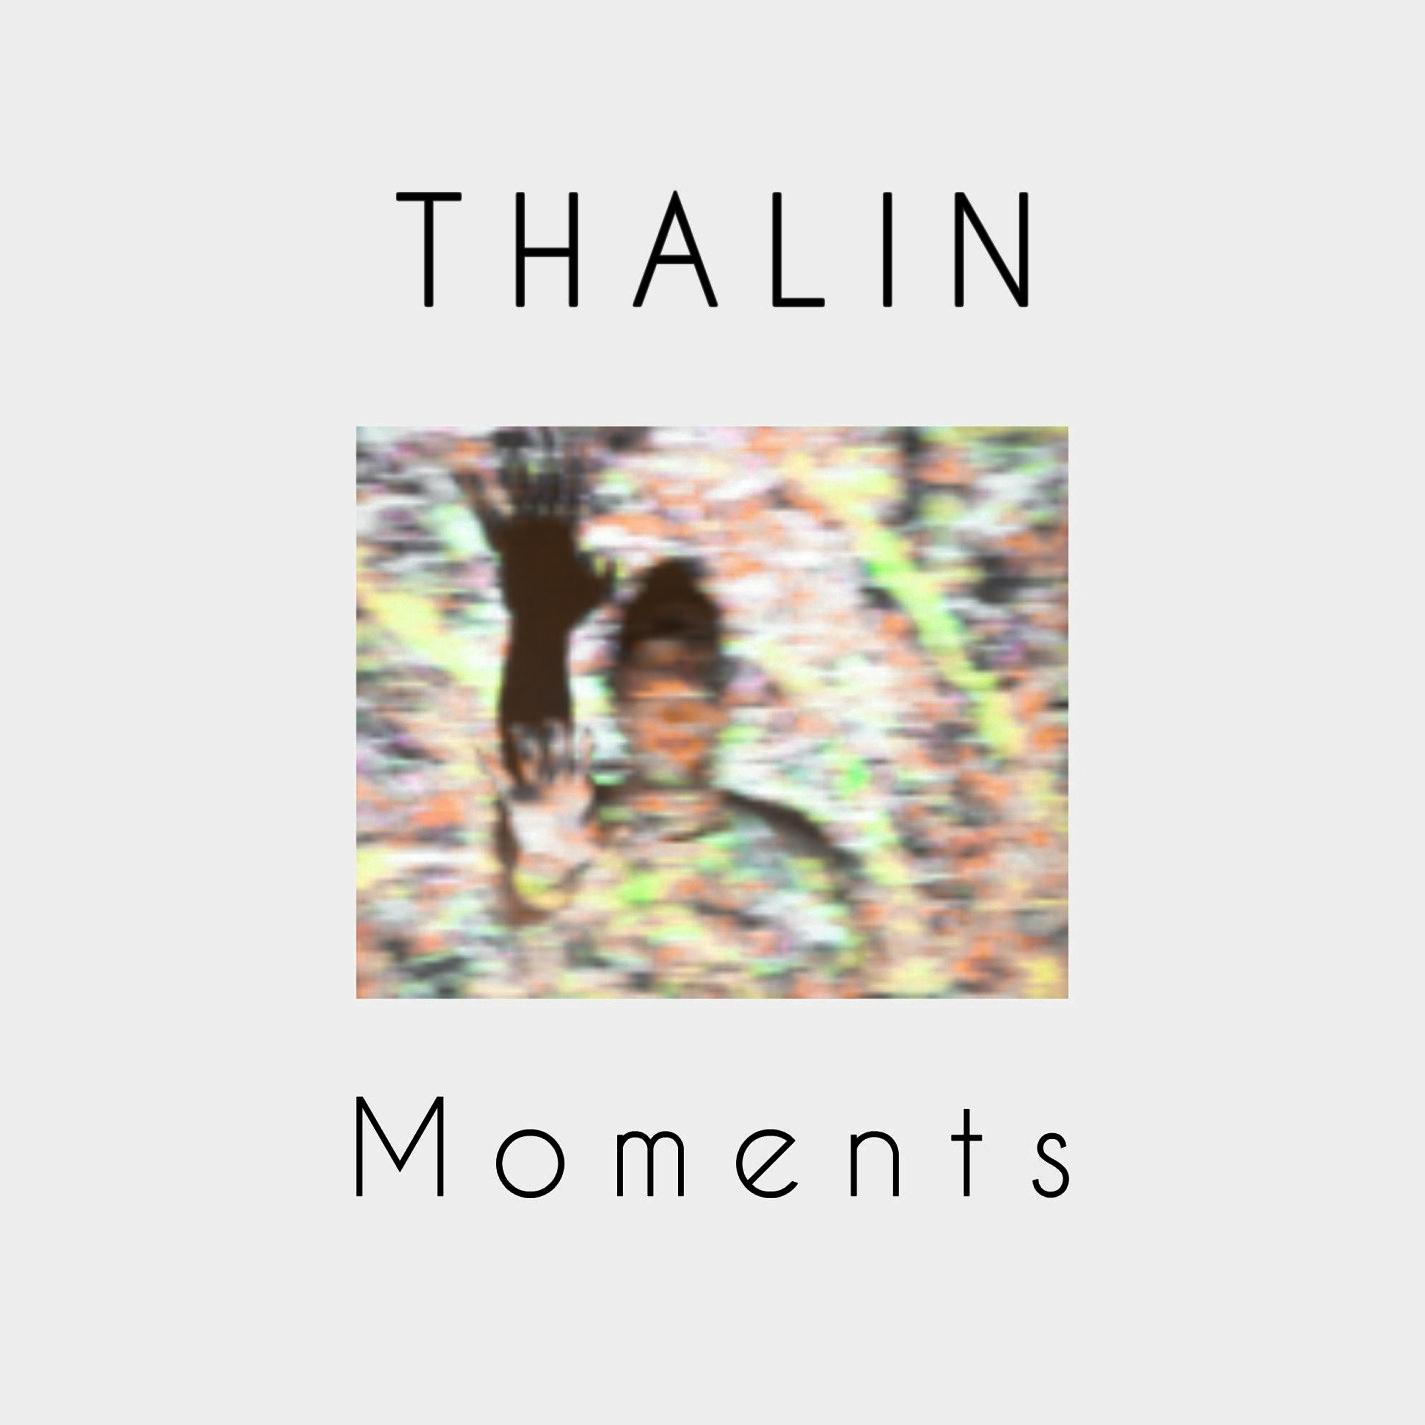 album_cover_cmyk.jpg